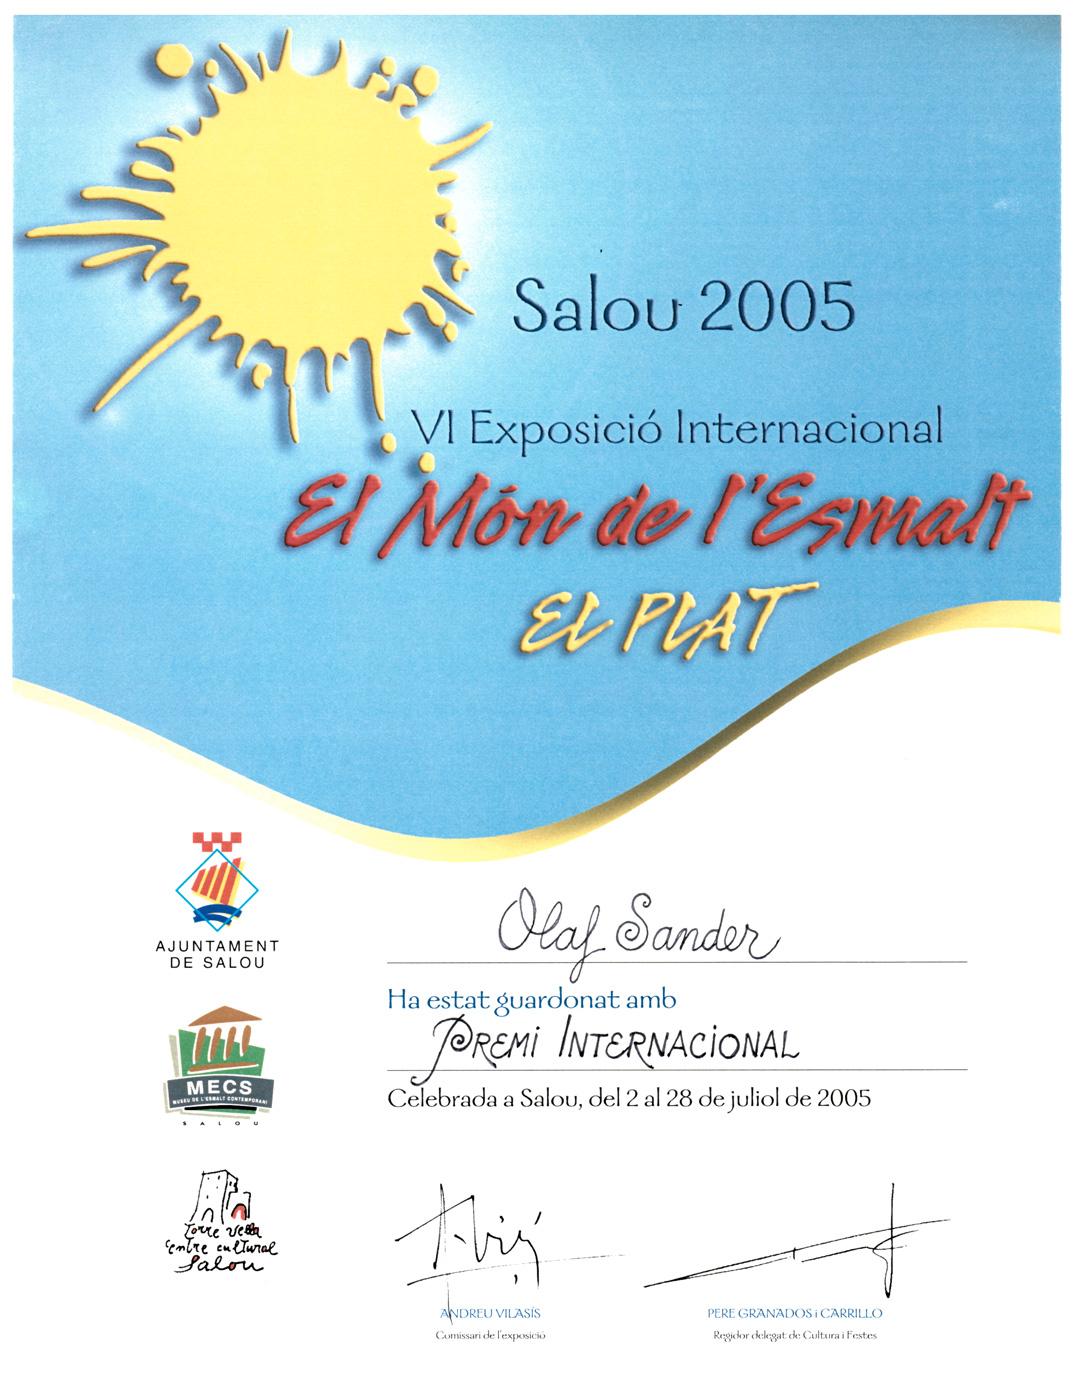 Zertifikat_salou_2005_OS_1_1080